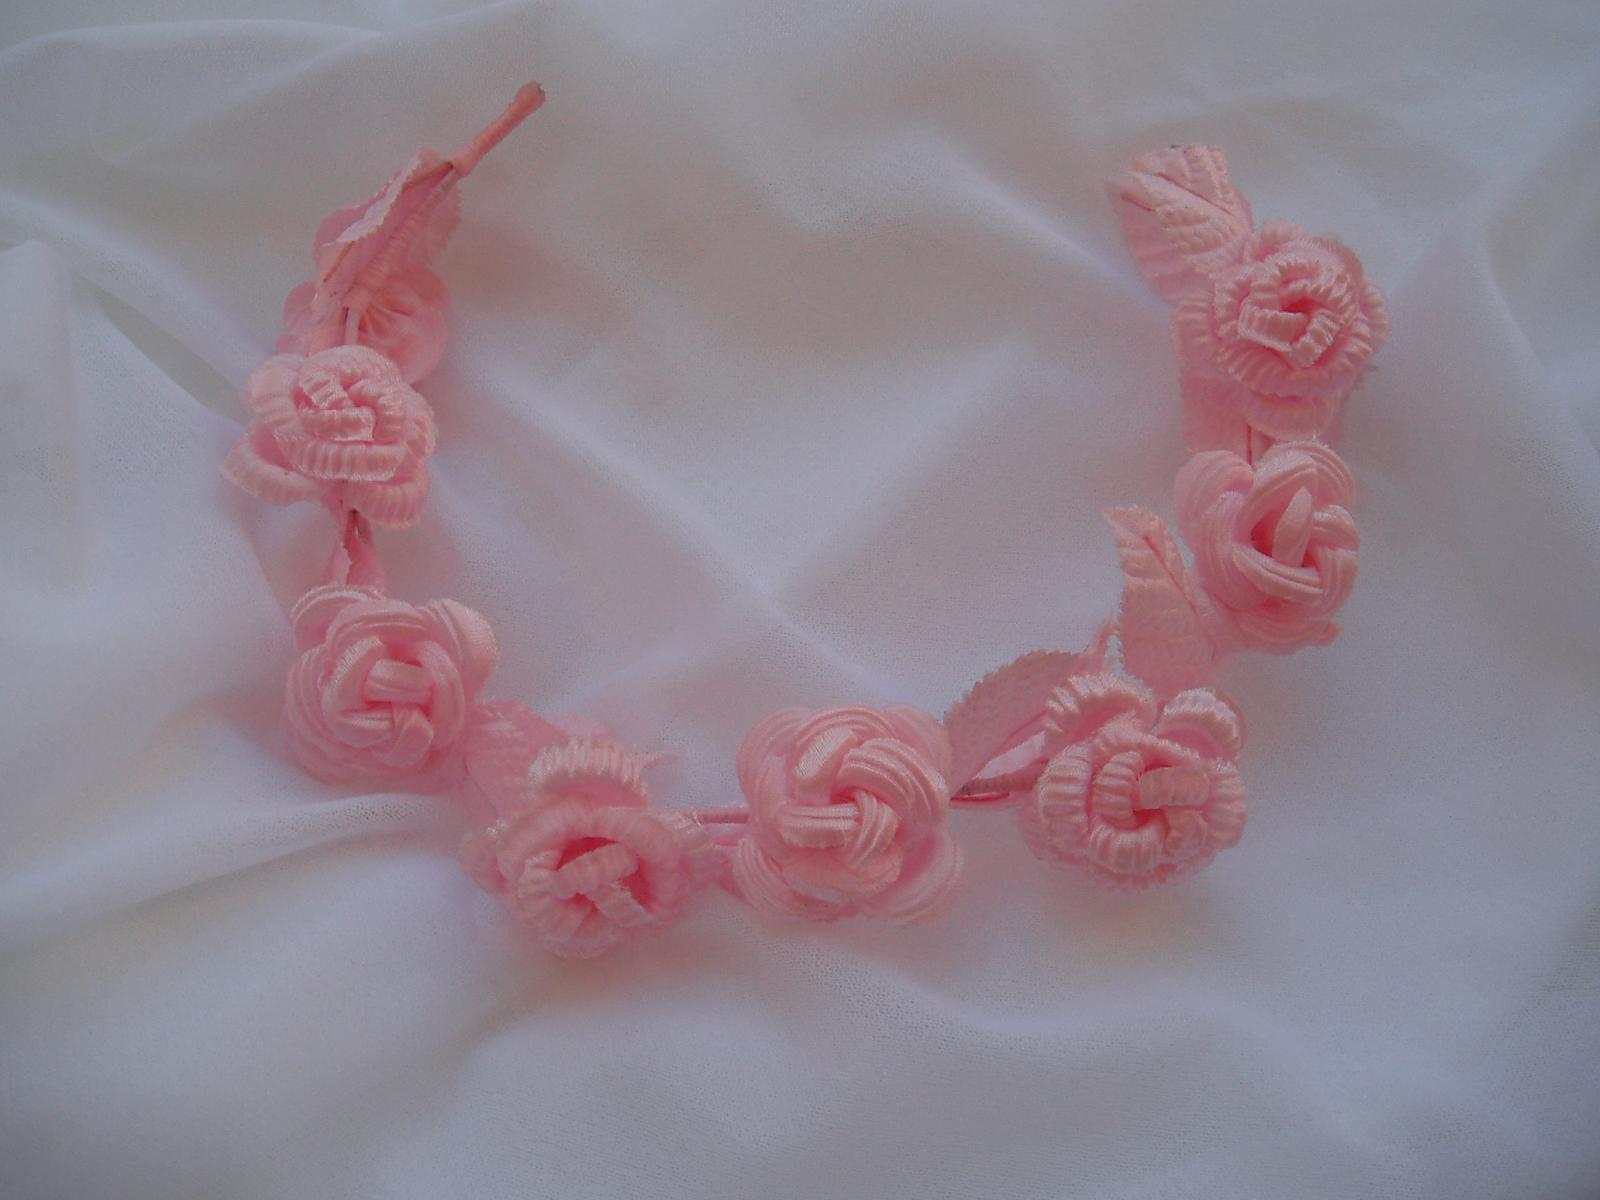 věneček do vlasů-růžový - Obrázek č. 1